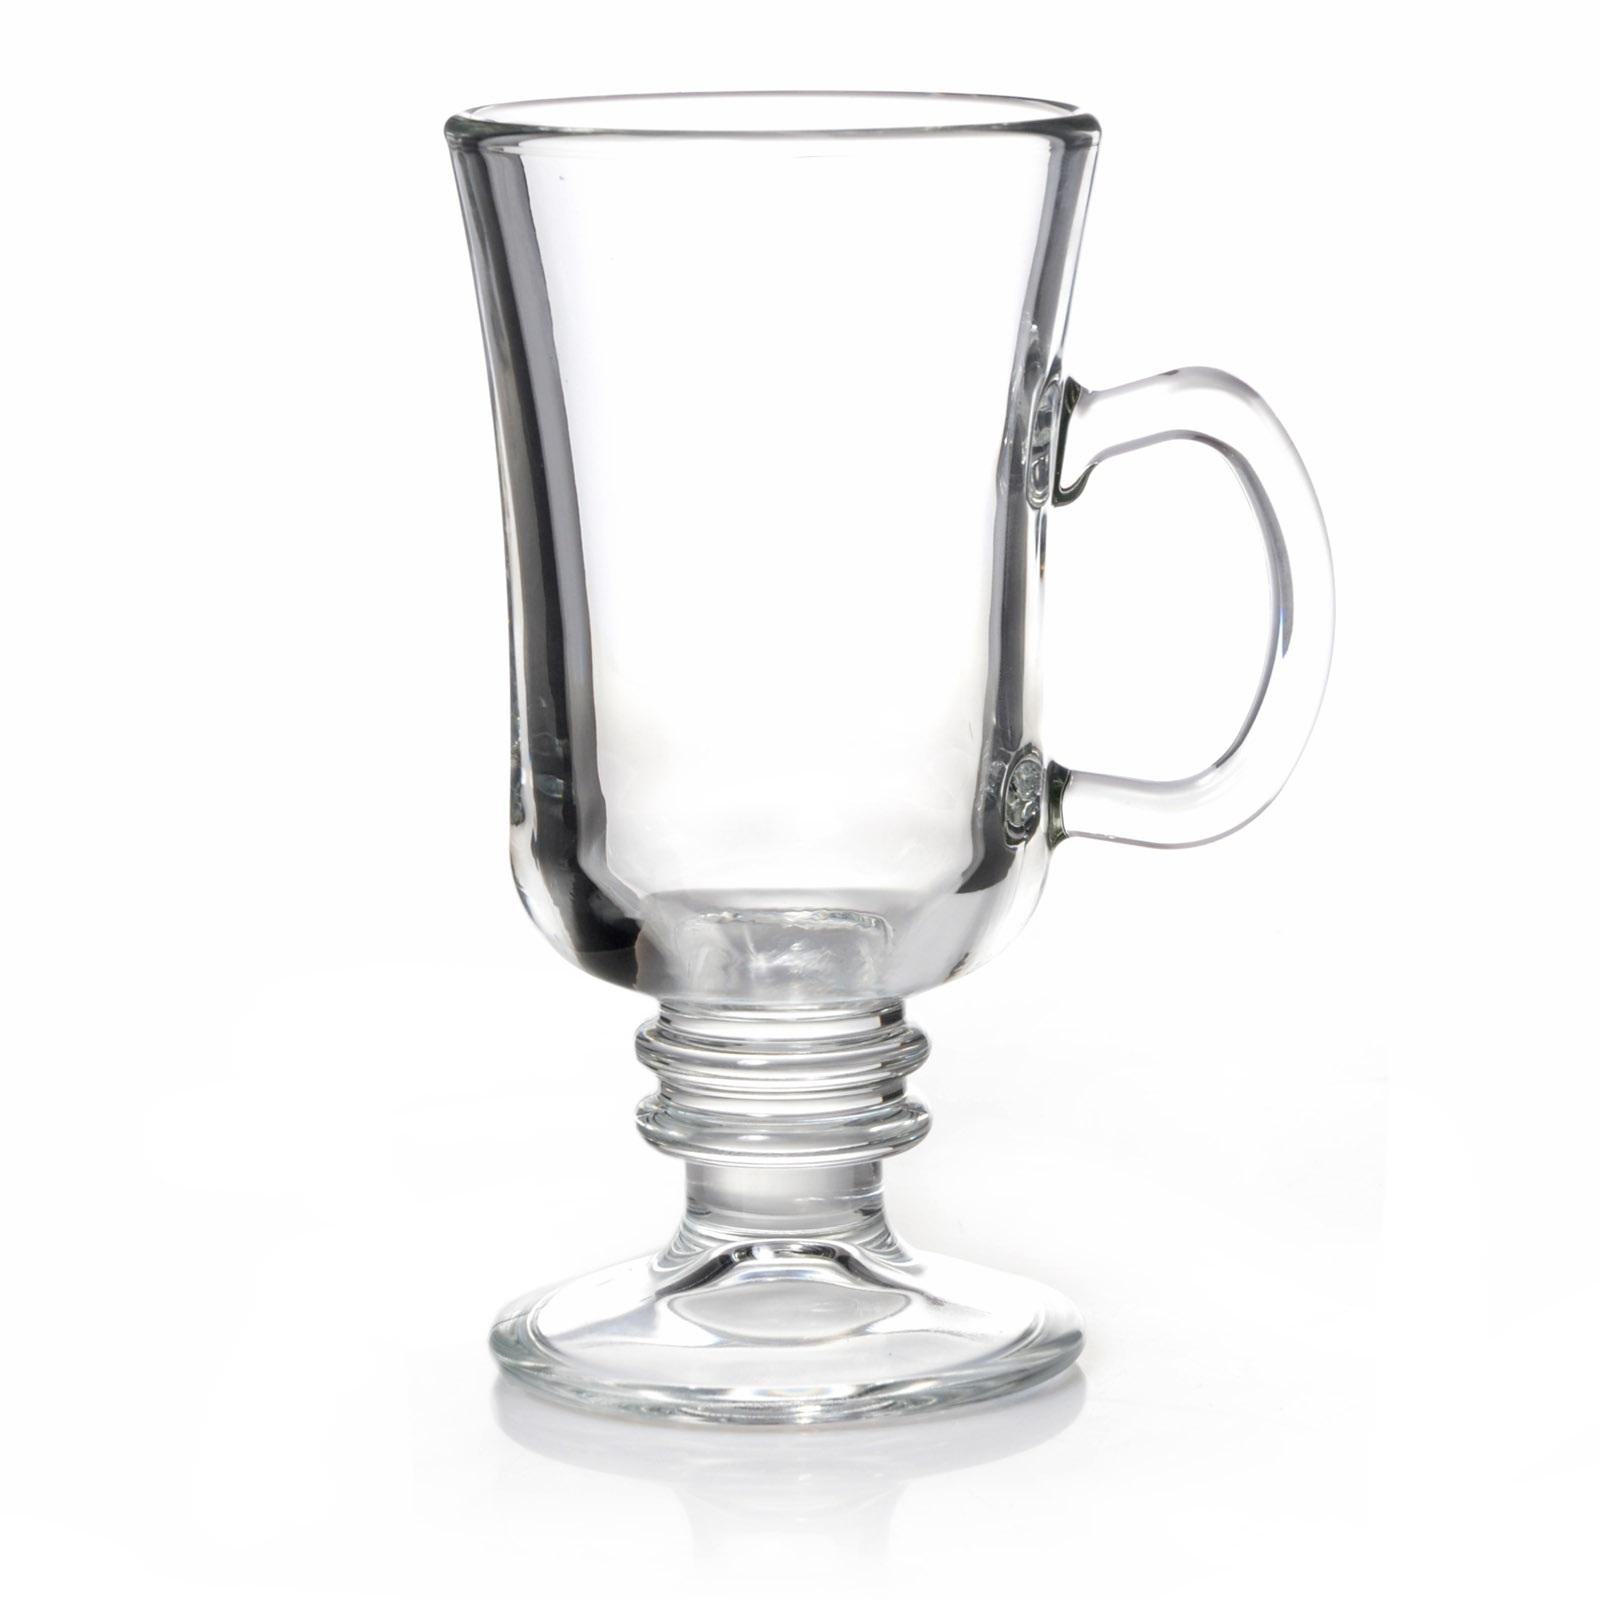 irish coffee glas mit henkel 0 24l teeglas grogglas 1stk. Black Bedroom Furniture Sets. Home Design Ideas